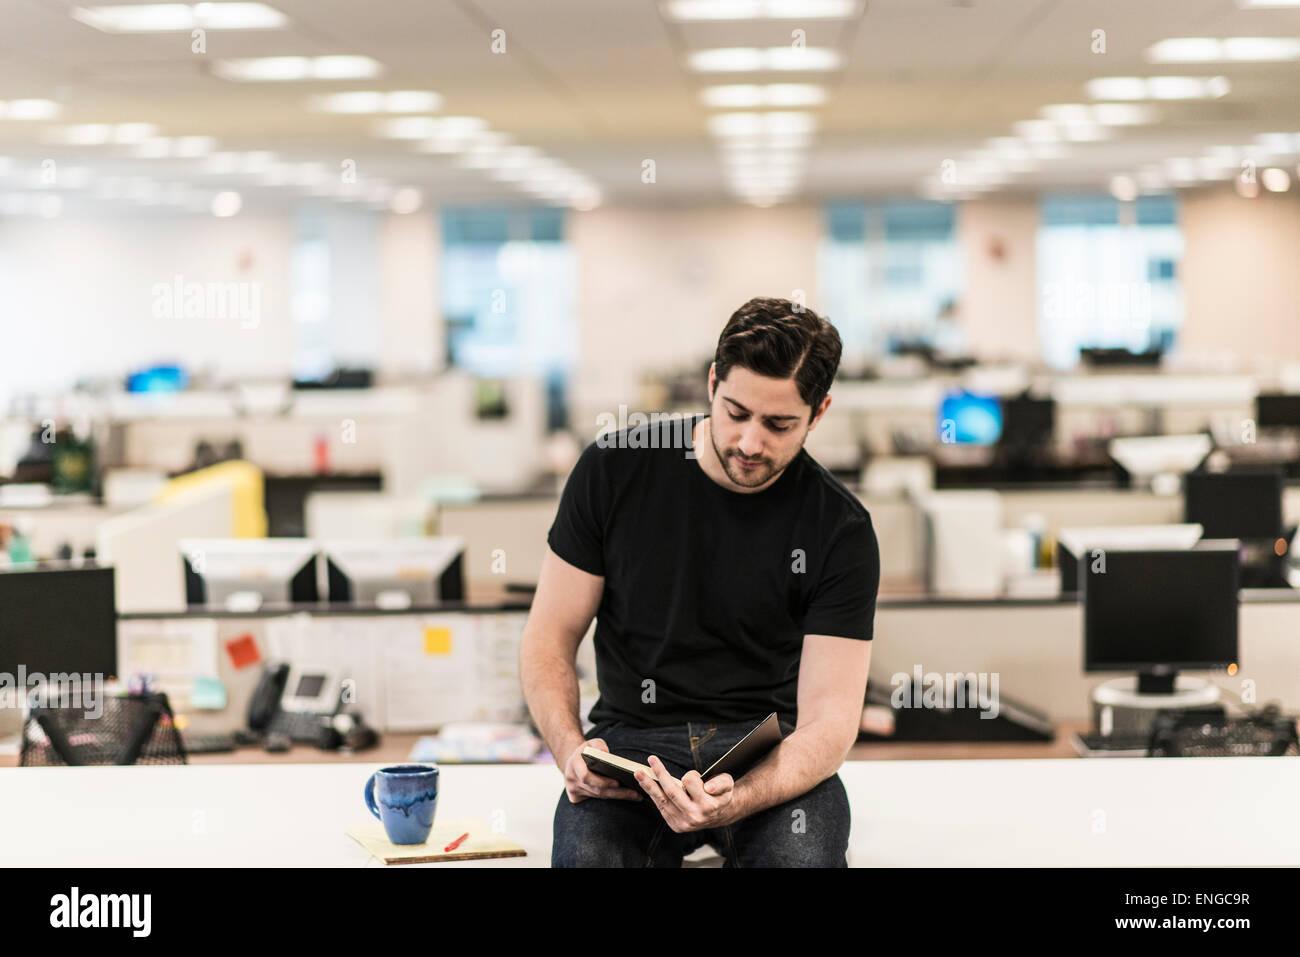 Un homme assis sur un bureau dans un bureau à la recherche d'un livre ou d'un journal. Photo Stock